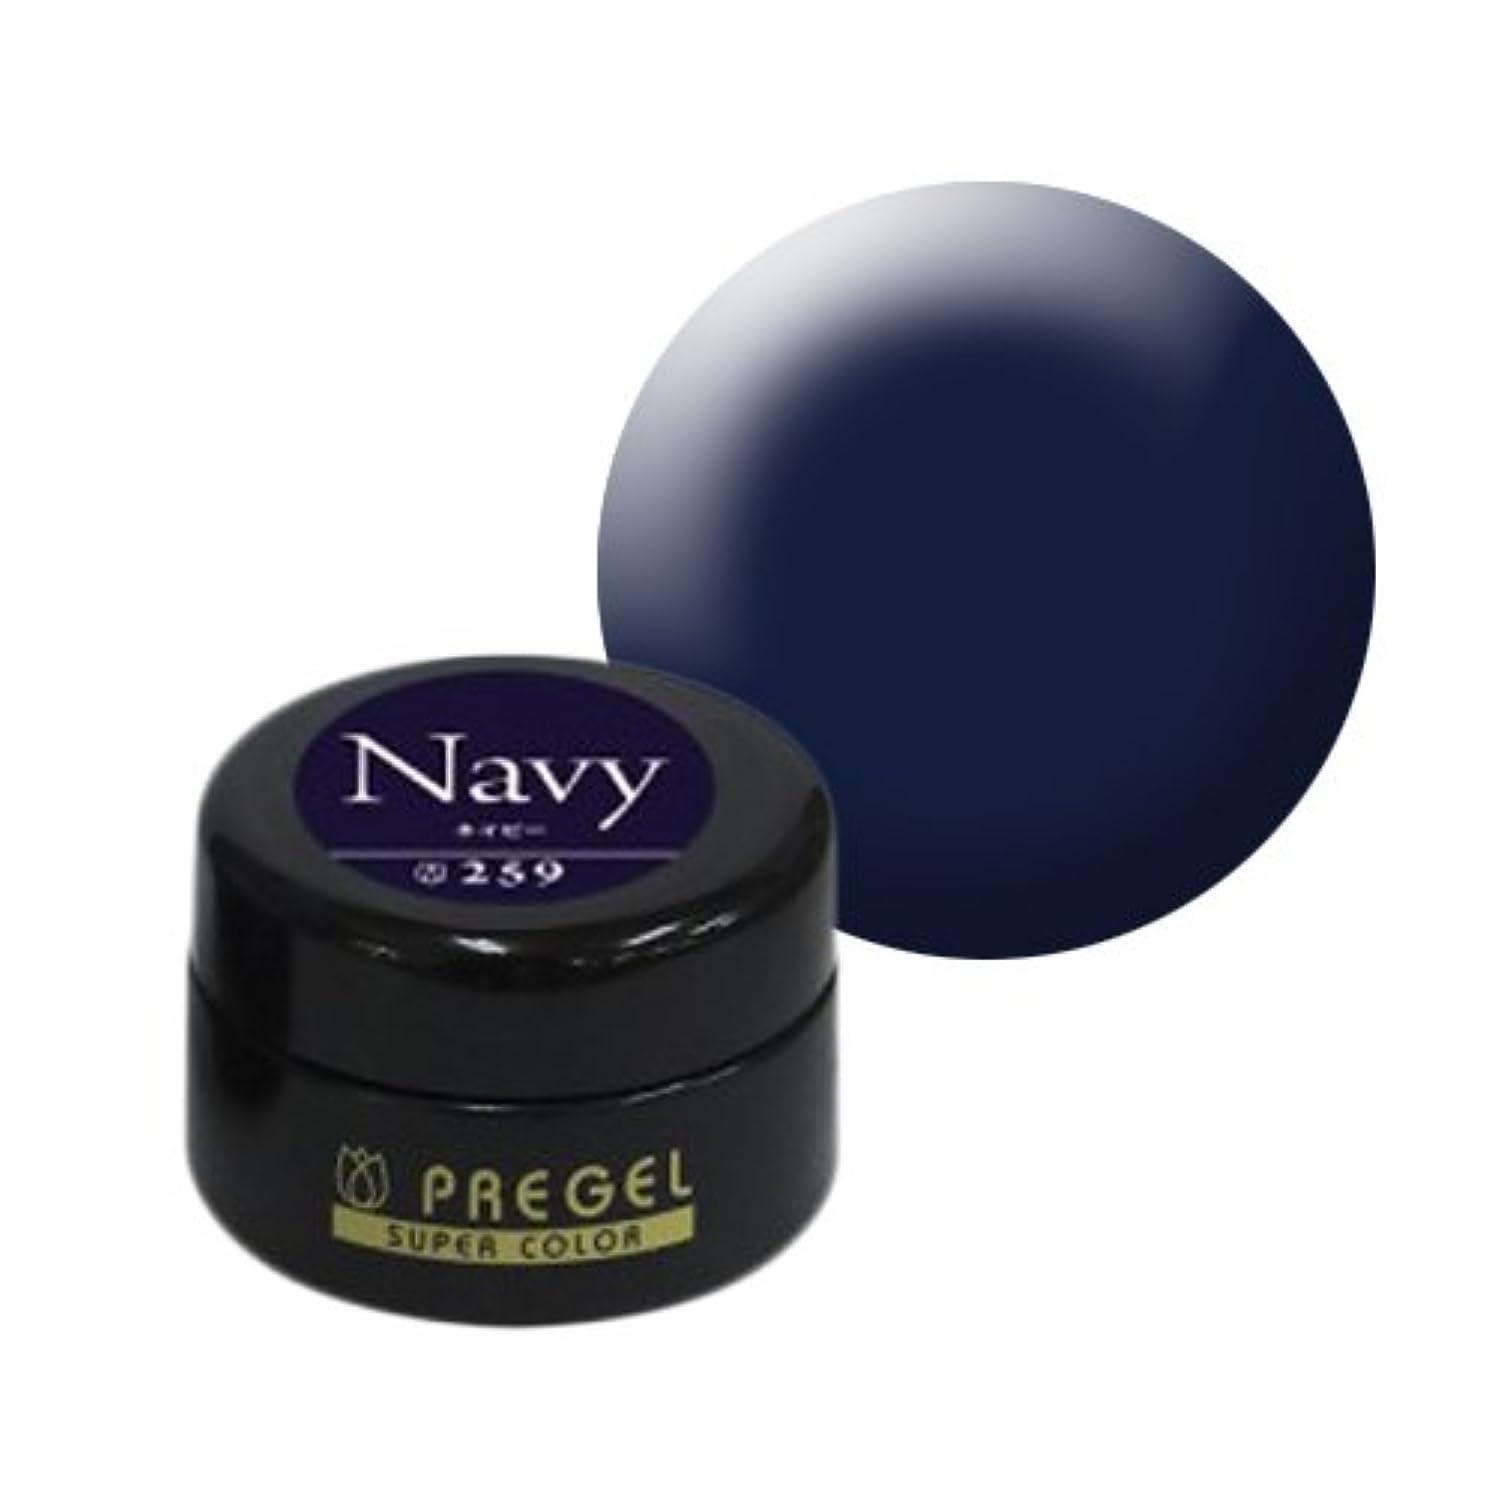 戦争免疫宣伝【PREGEL】カラーEx ネイビー / PG-CE259 【UV&LED】プリジェル カラージェル ジェルネイル用品